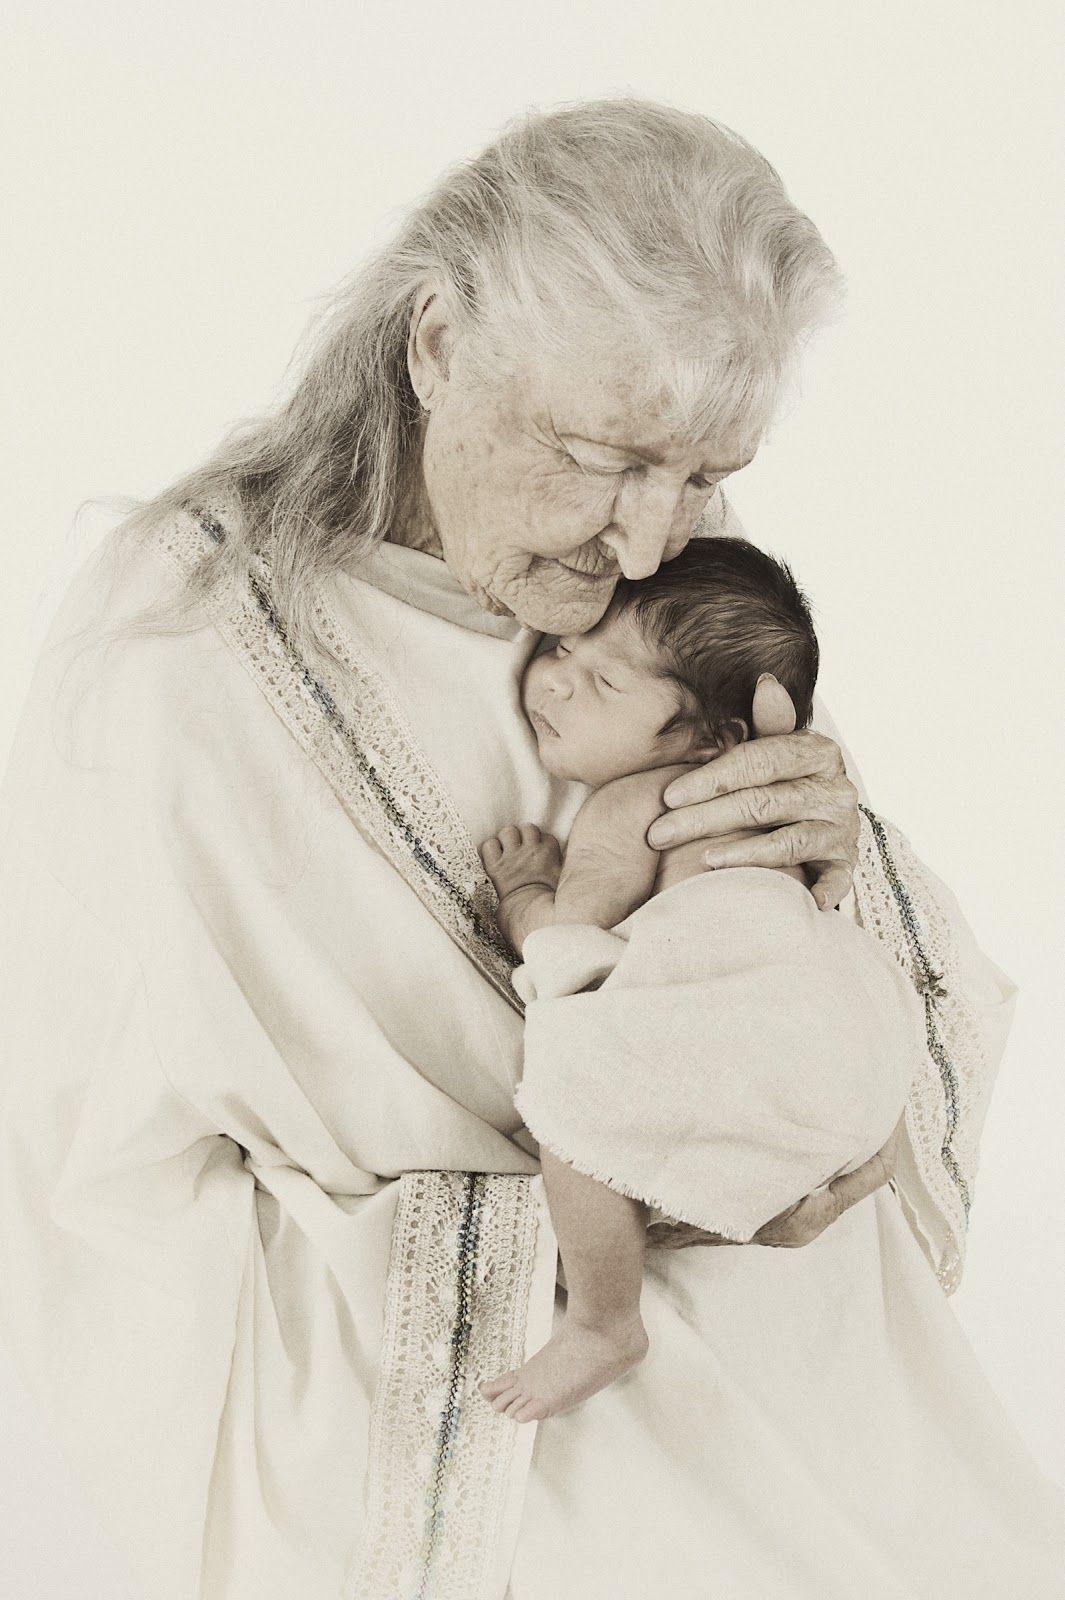 Breastfeeding Women in the Scriptures Part 1 Bible